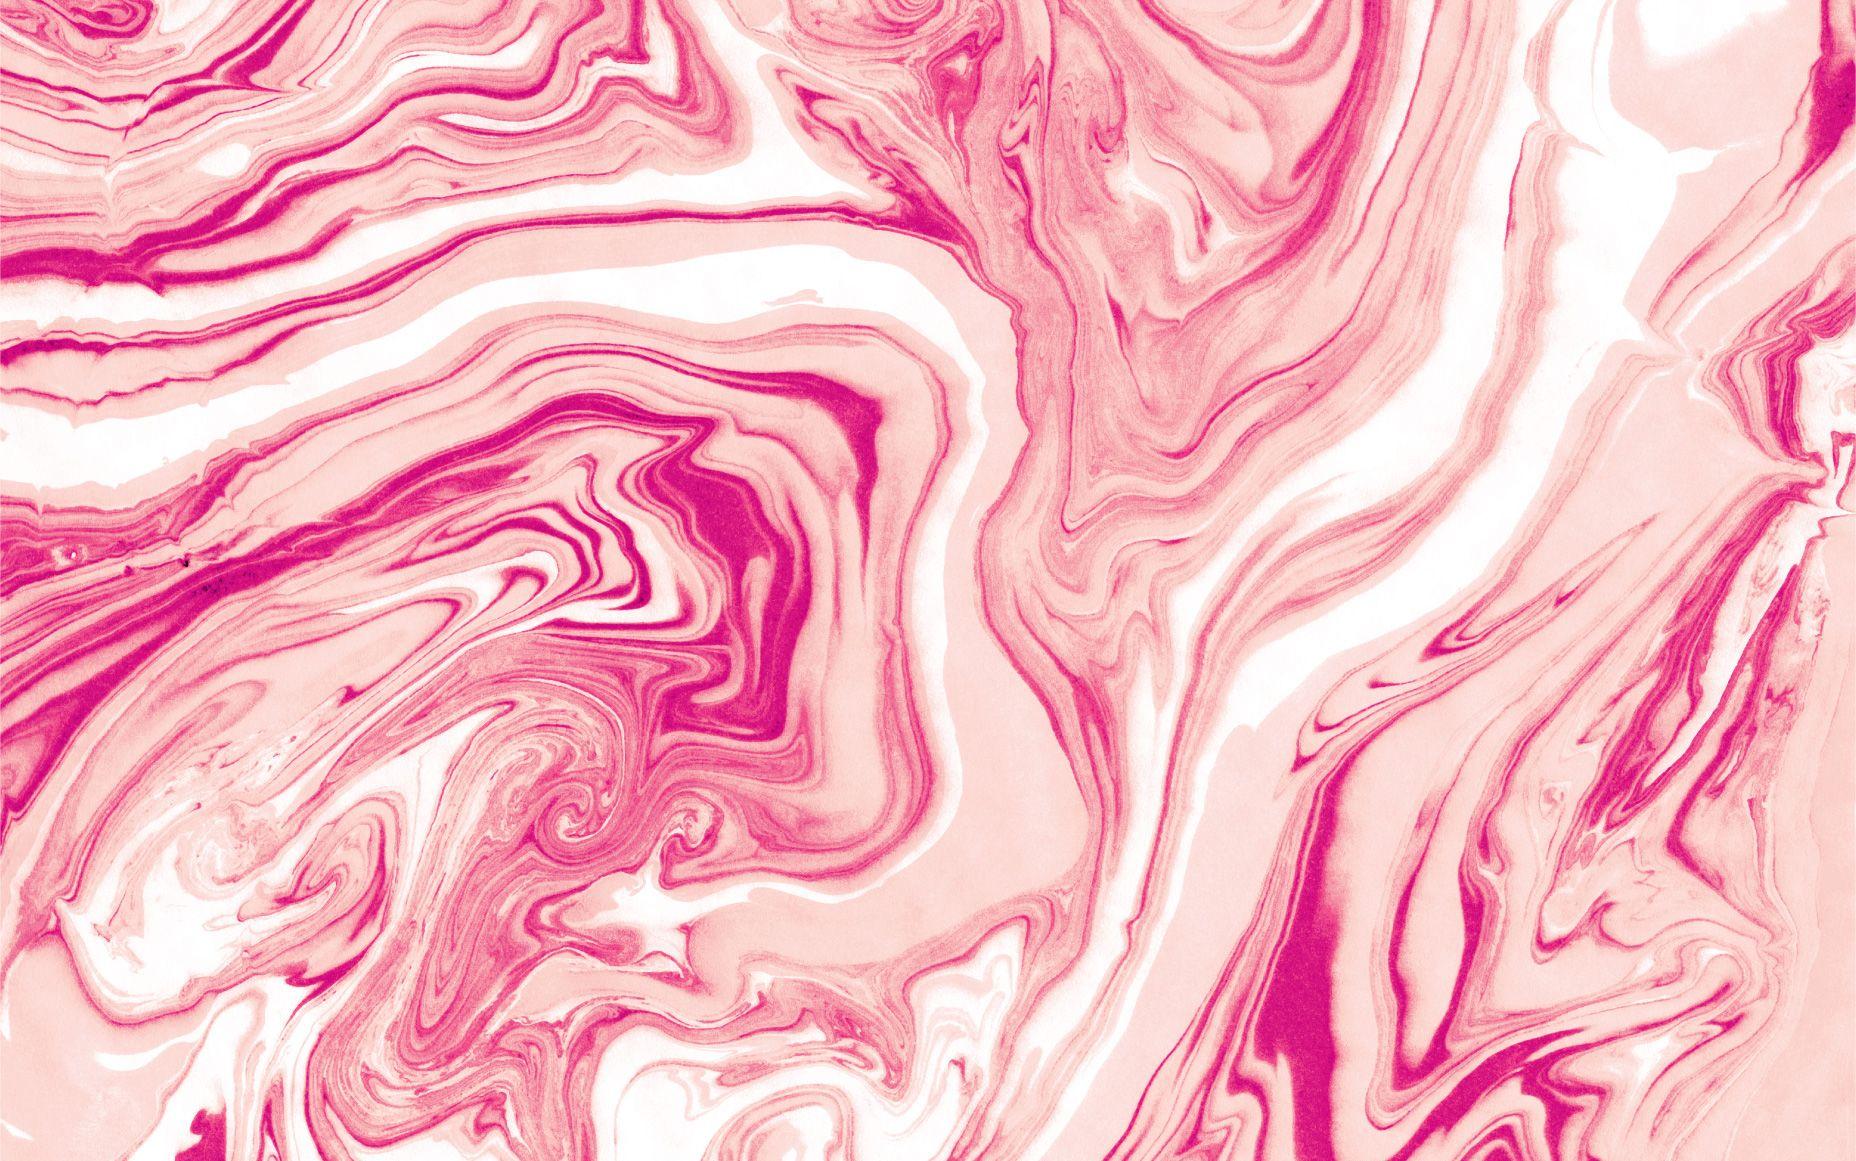 pinkmarbledesktopjpg 18562151161 mac wallpapers